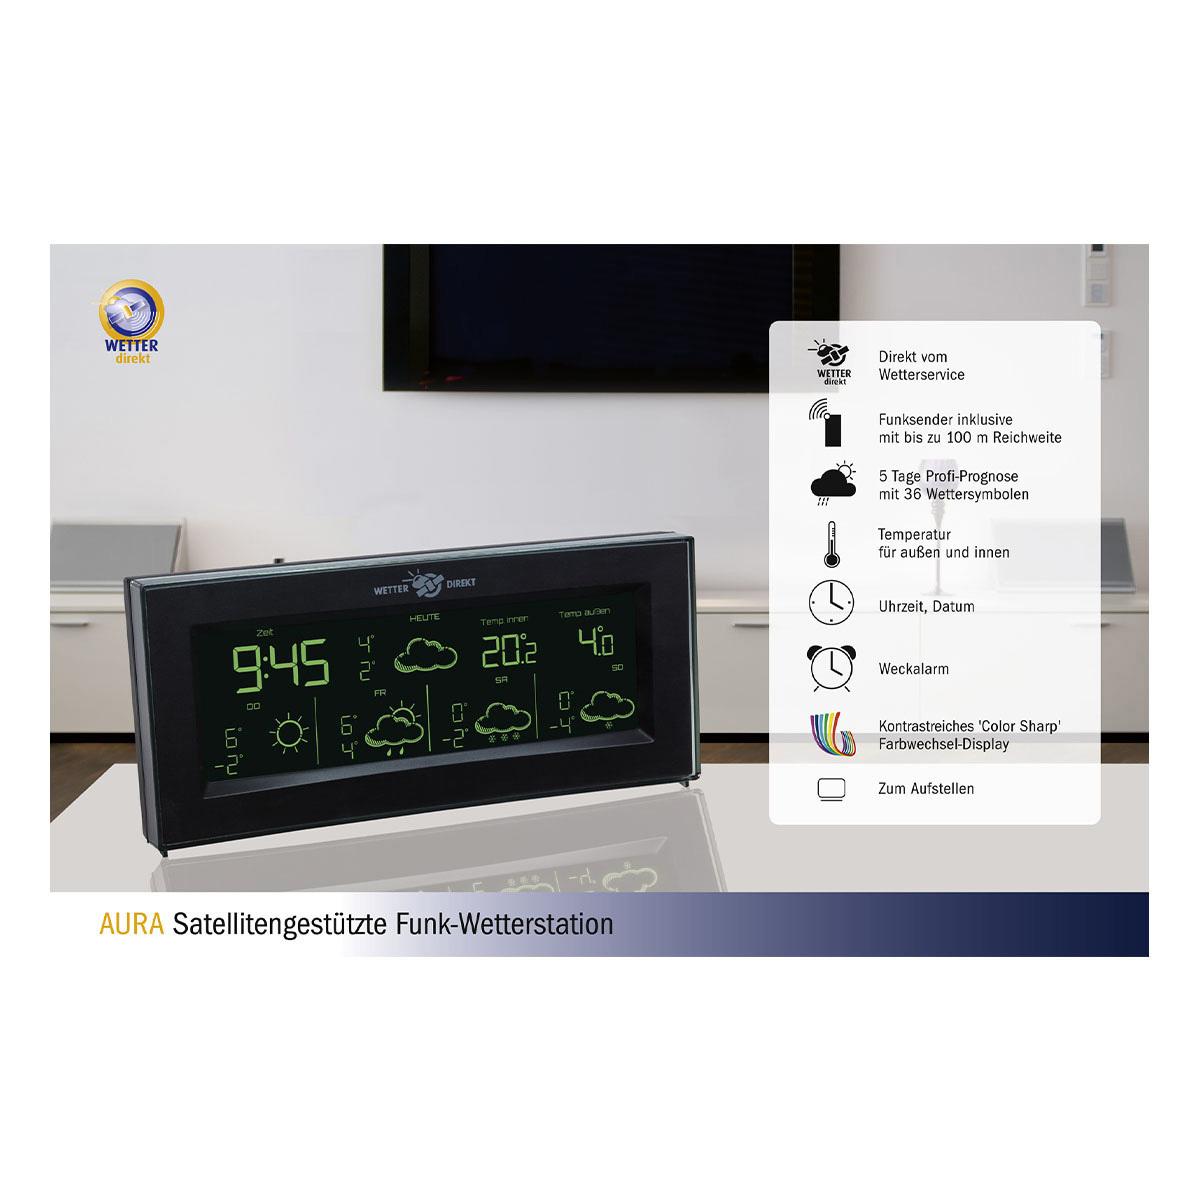 35-5061-01-it-satellitengestützte-funk-wetterstation-mit-color-sharp-display-aura-icons-1200x1200px.jpg